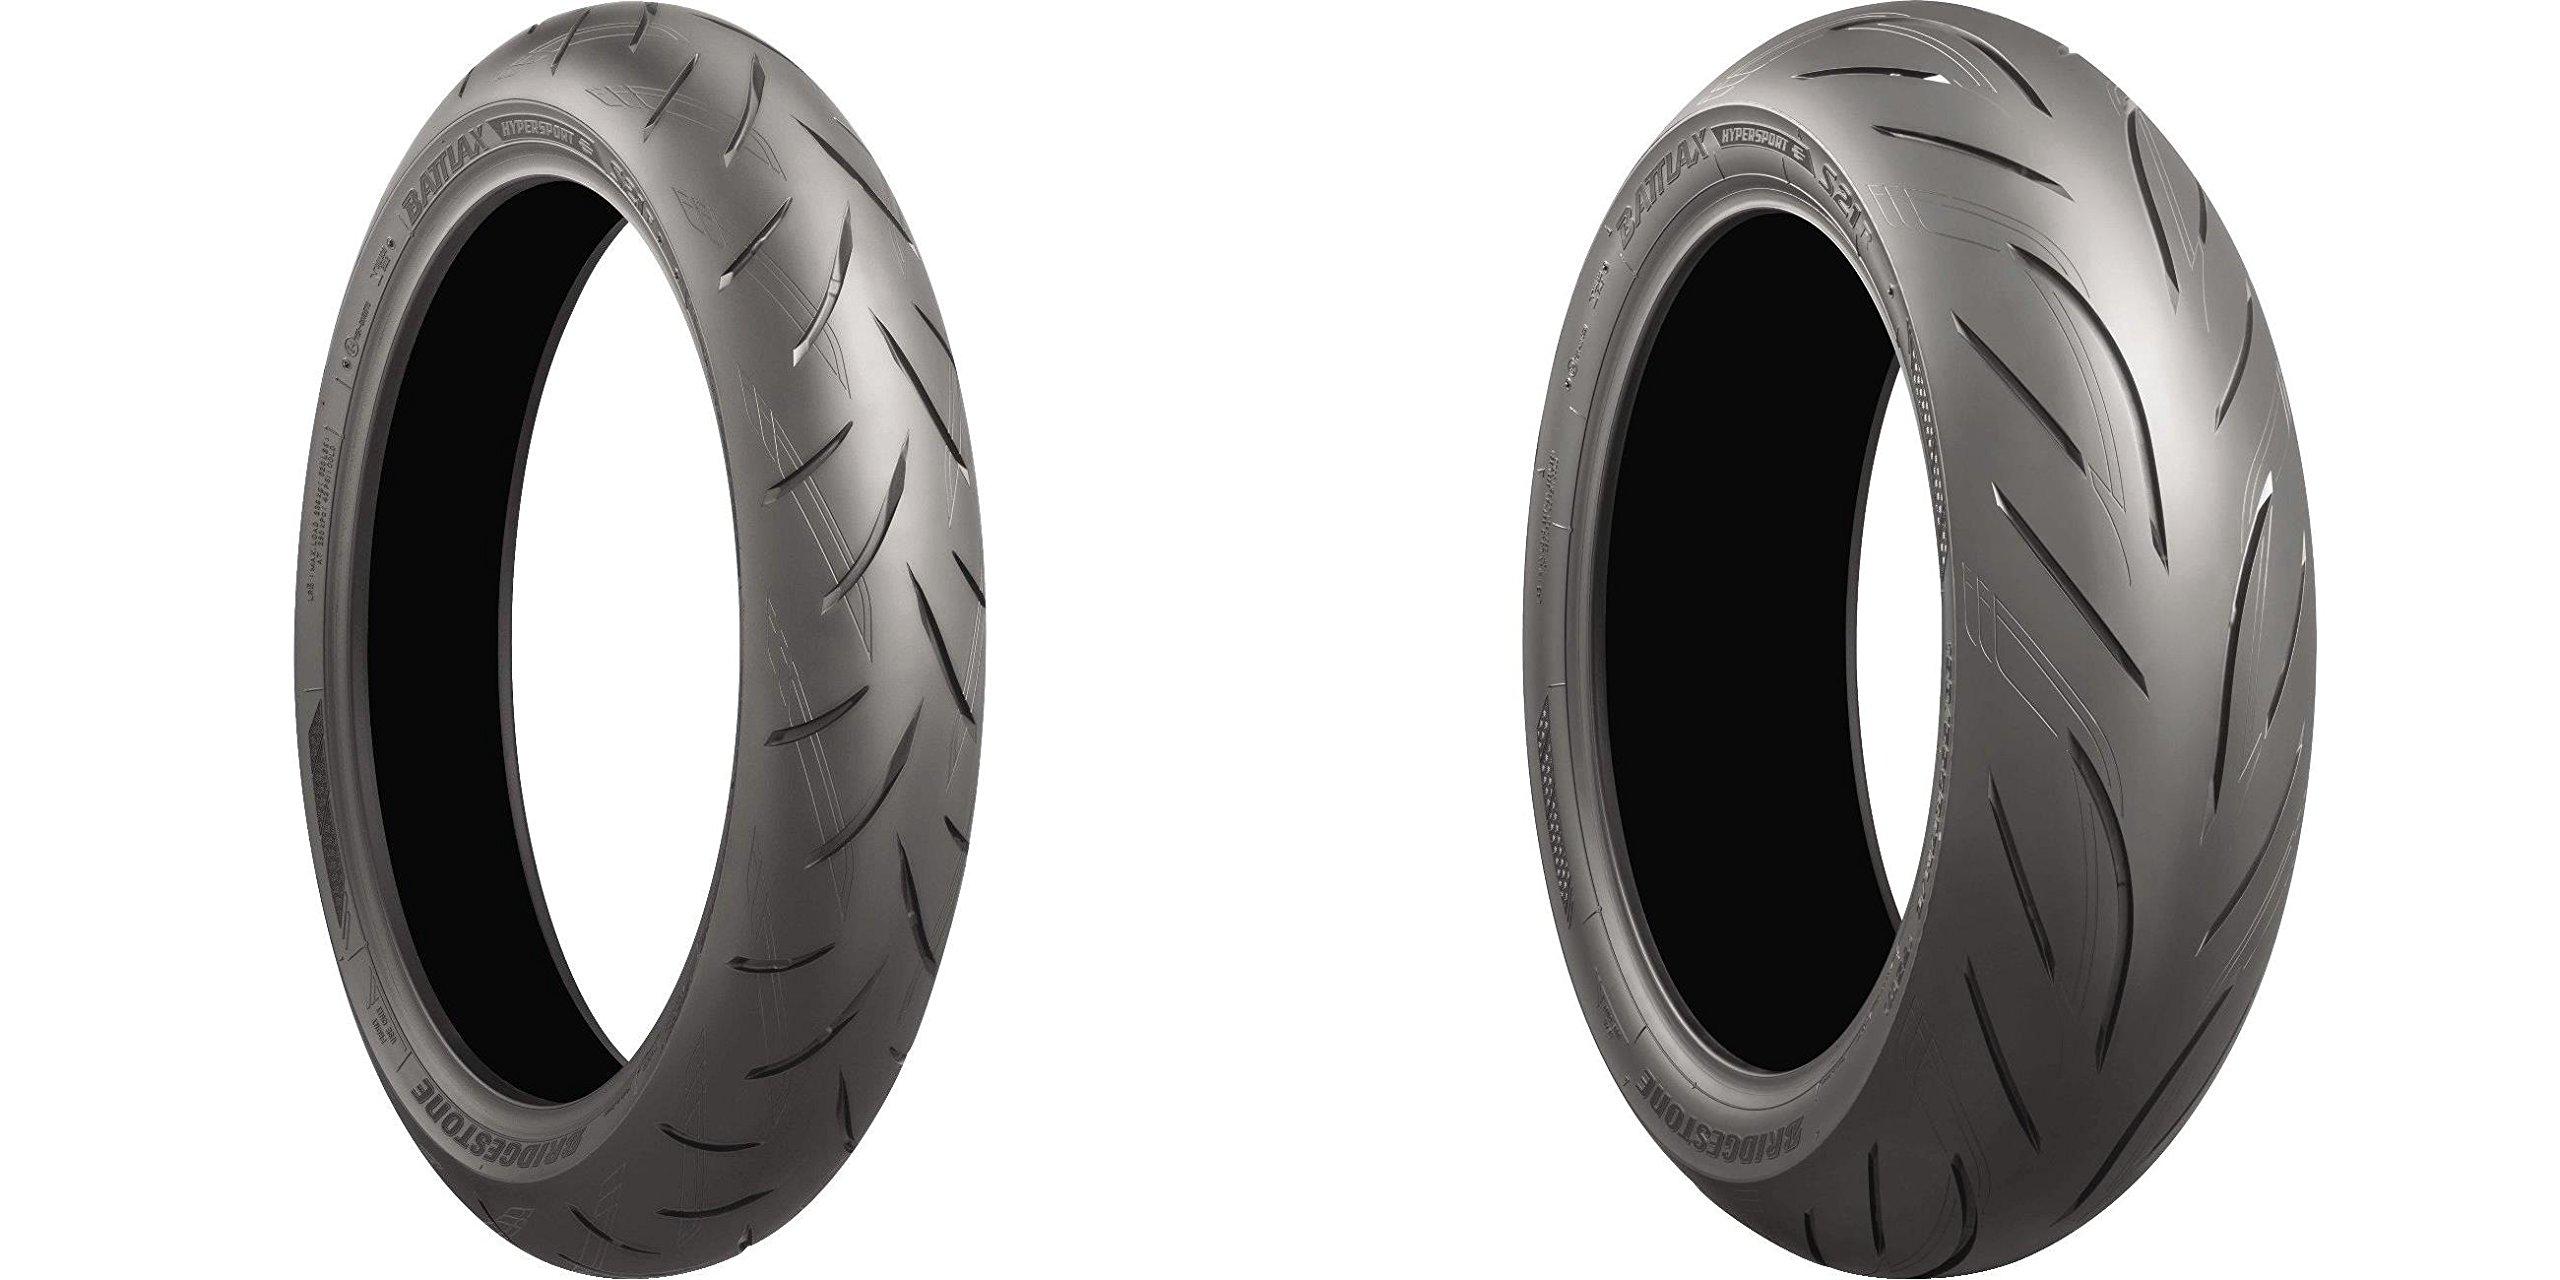 BRIDGESTONE Battlax S21 Hypersport Street Front & Rear Tire Set, 120/70-17 58W & 180/55-17 73W by Bridgestone (Image #3)